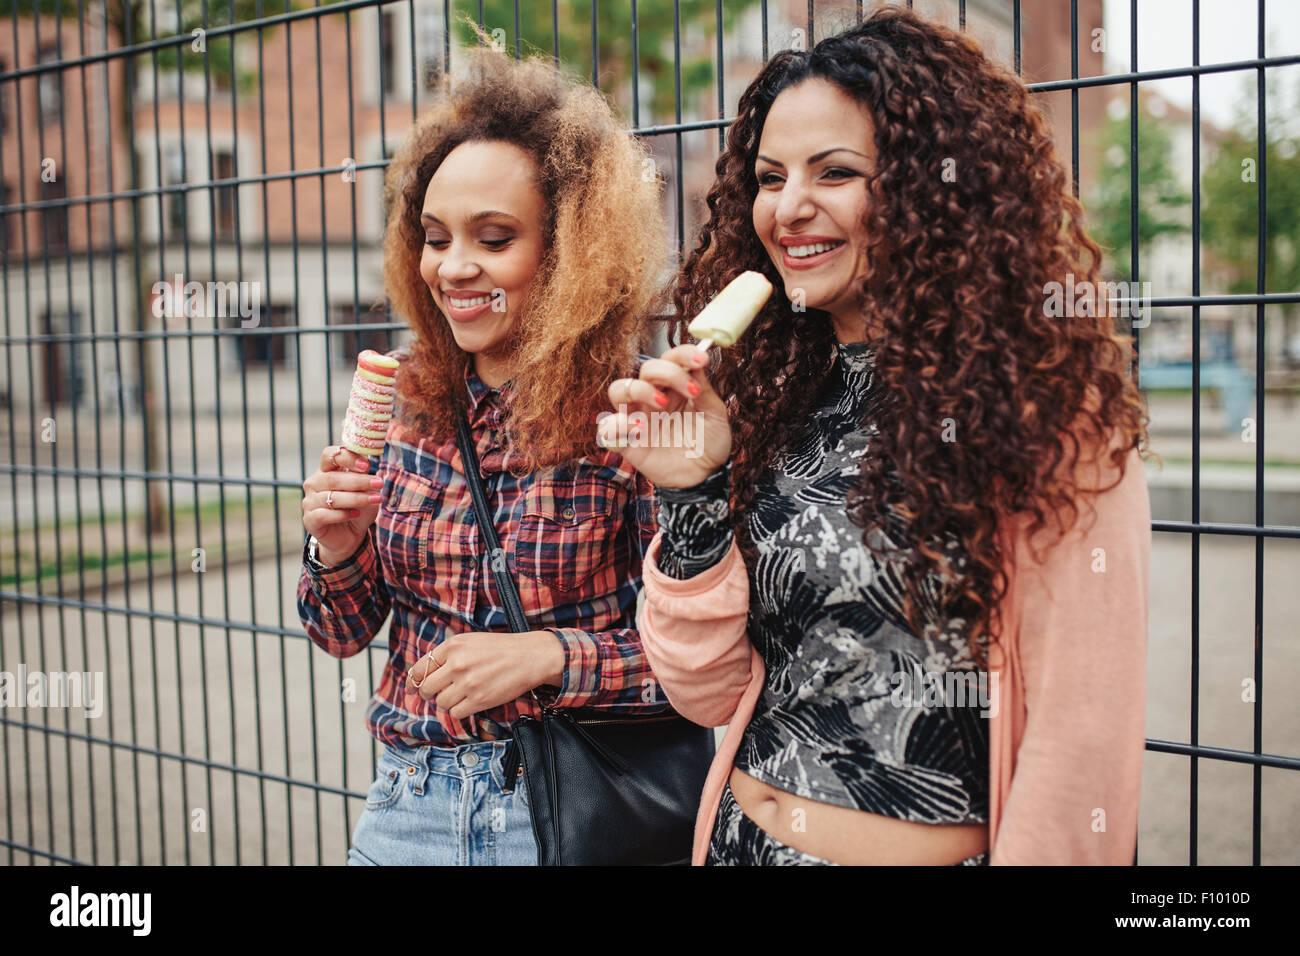 Fröhliche junge Mädchen essen Süßigkeiten Eis. Zwei junge Frauen stehen gegen einen Zaun lächelnd, Stockbild